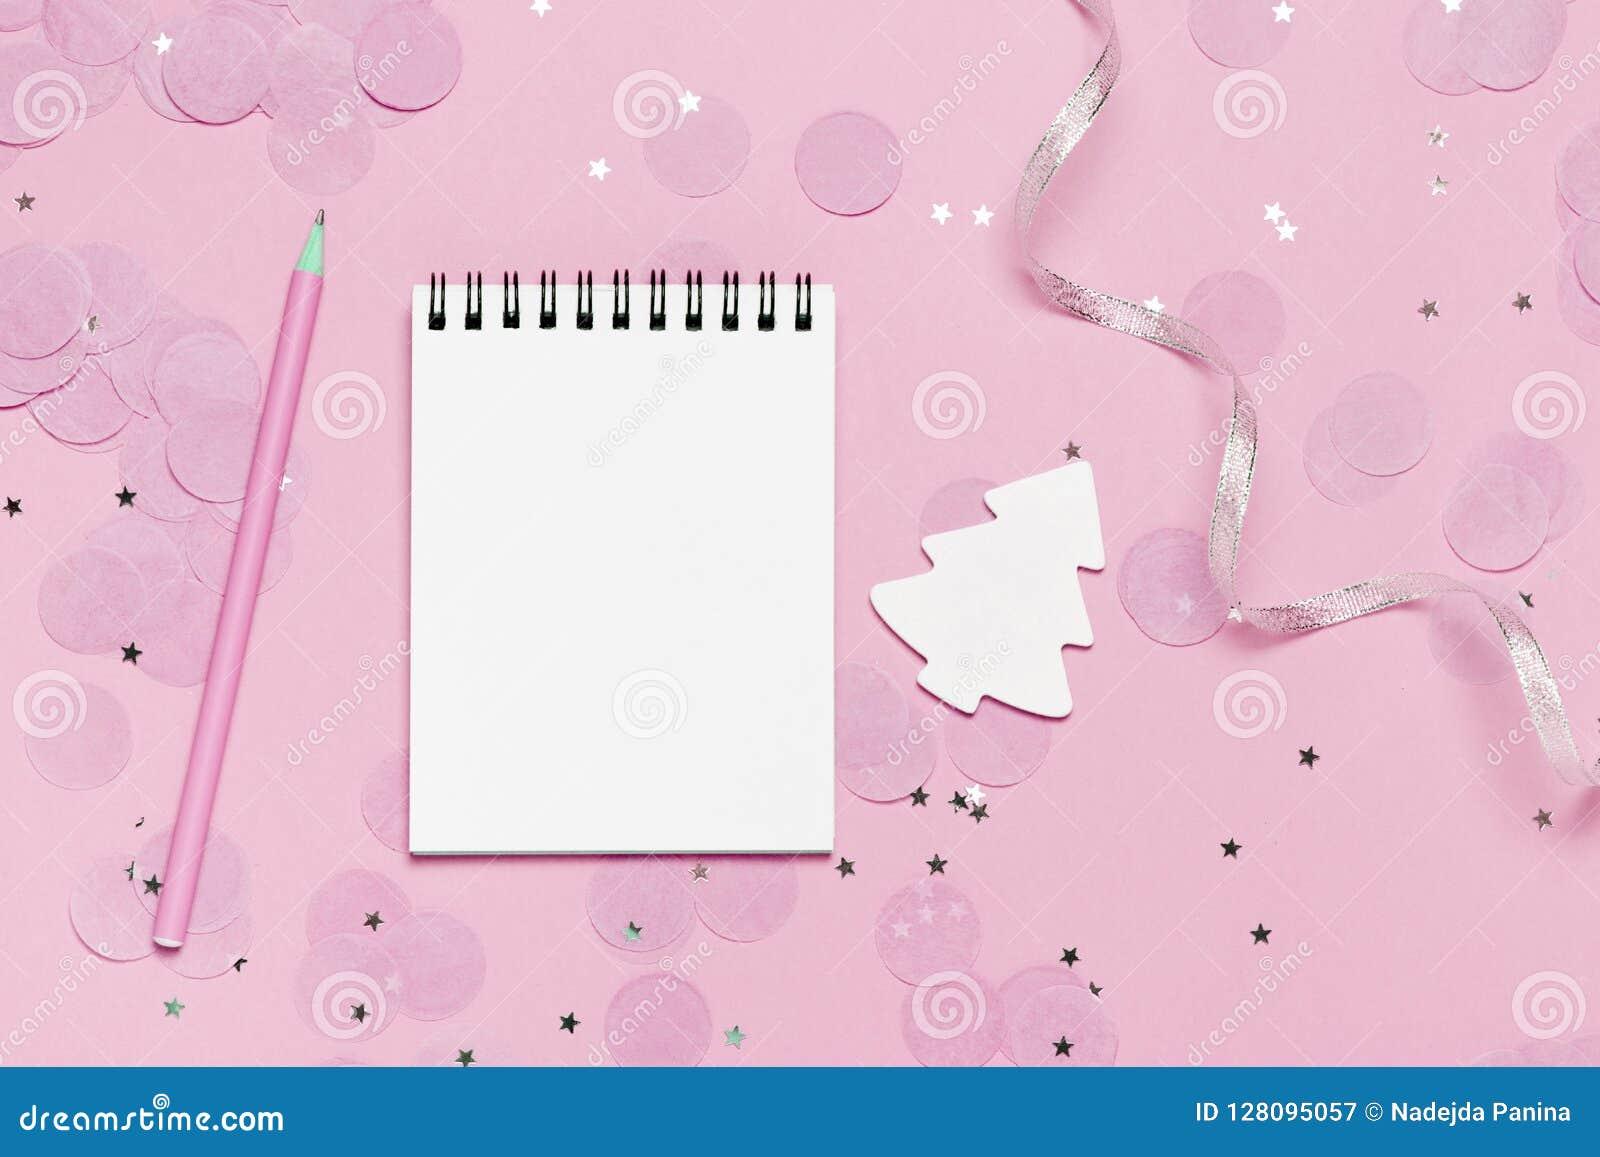 Leeg notaboek - Kerstmis en nieuwe jaarspot op malplaatje met roze confettien op roze achtergrond